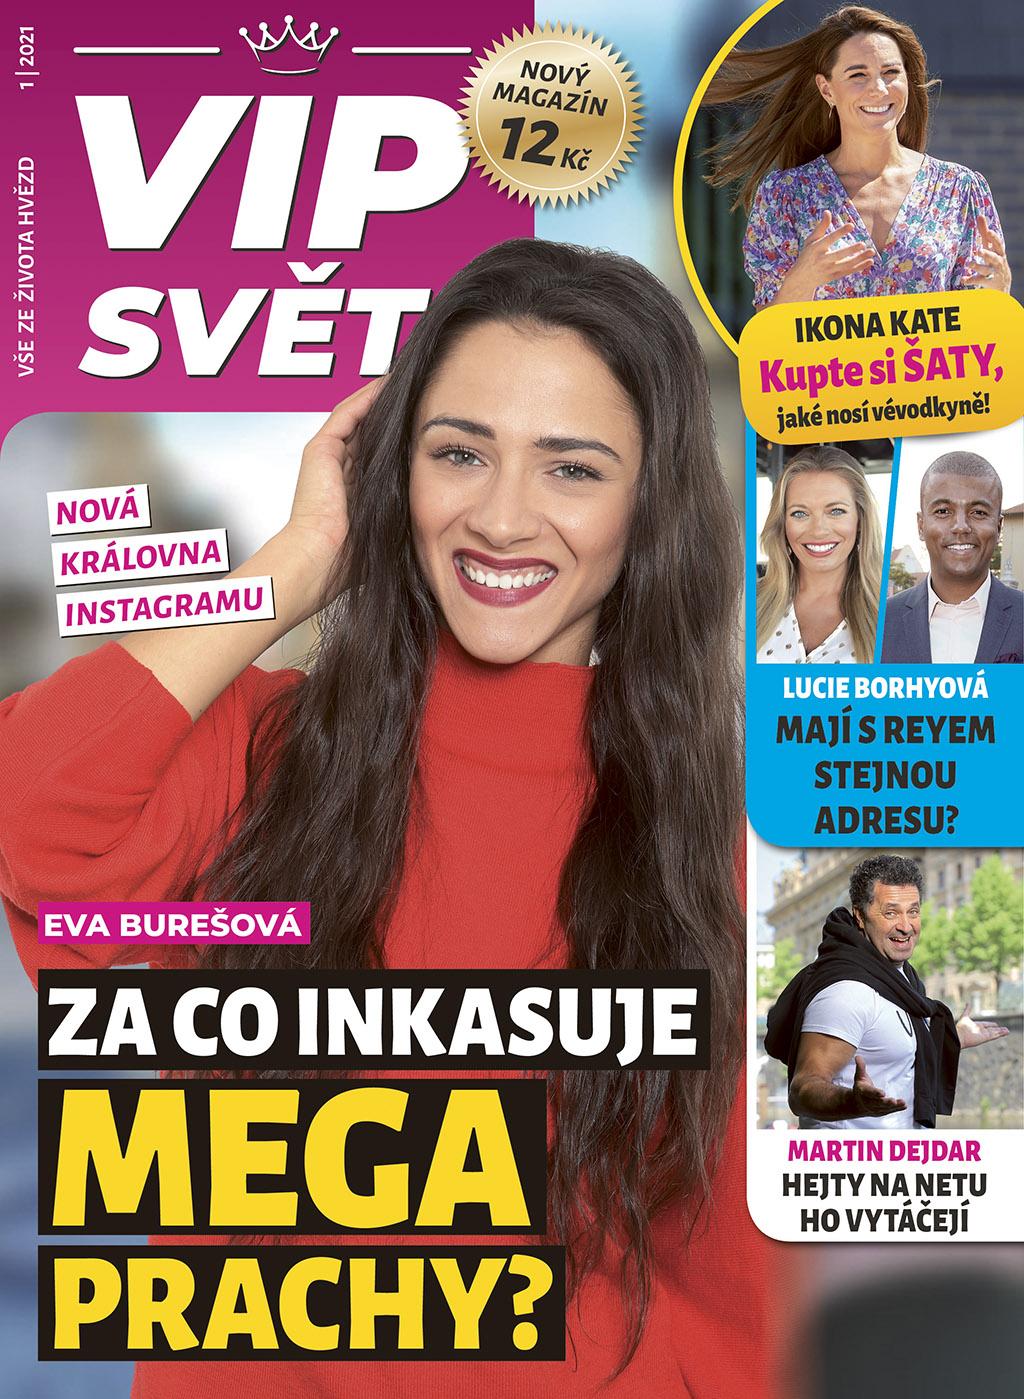 Titulní strana prvního vydání časopisu VIP svět